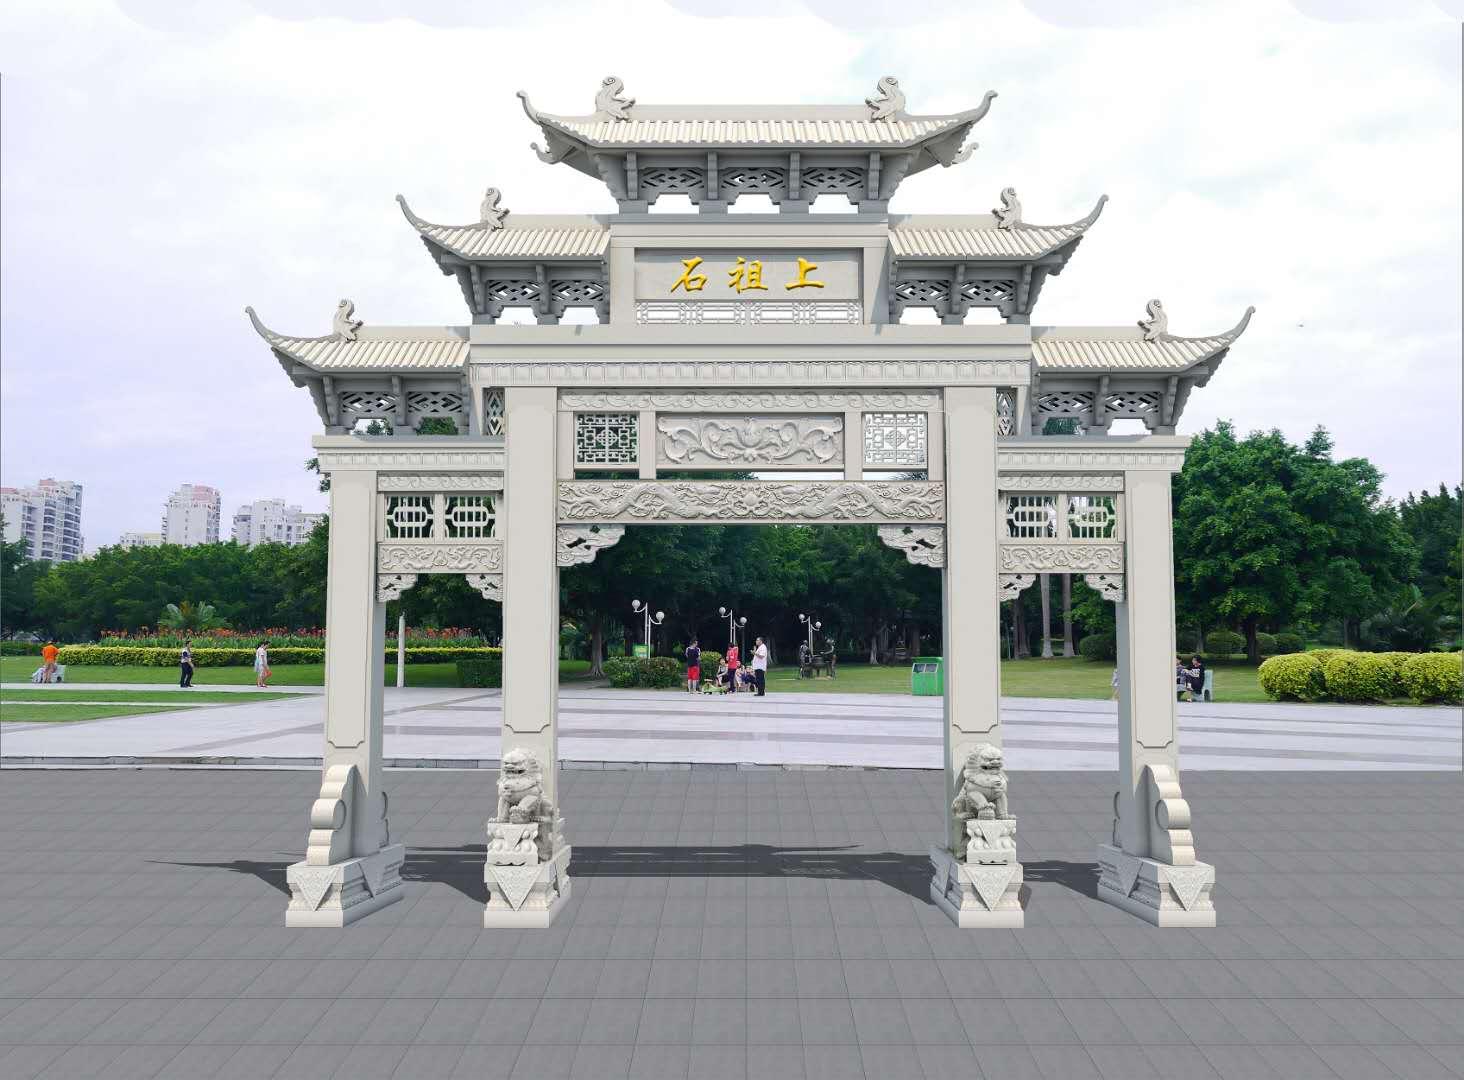 赣州市公园寨门雕刻制作